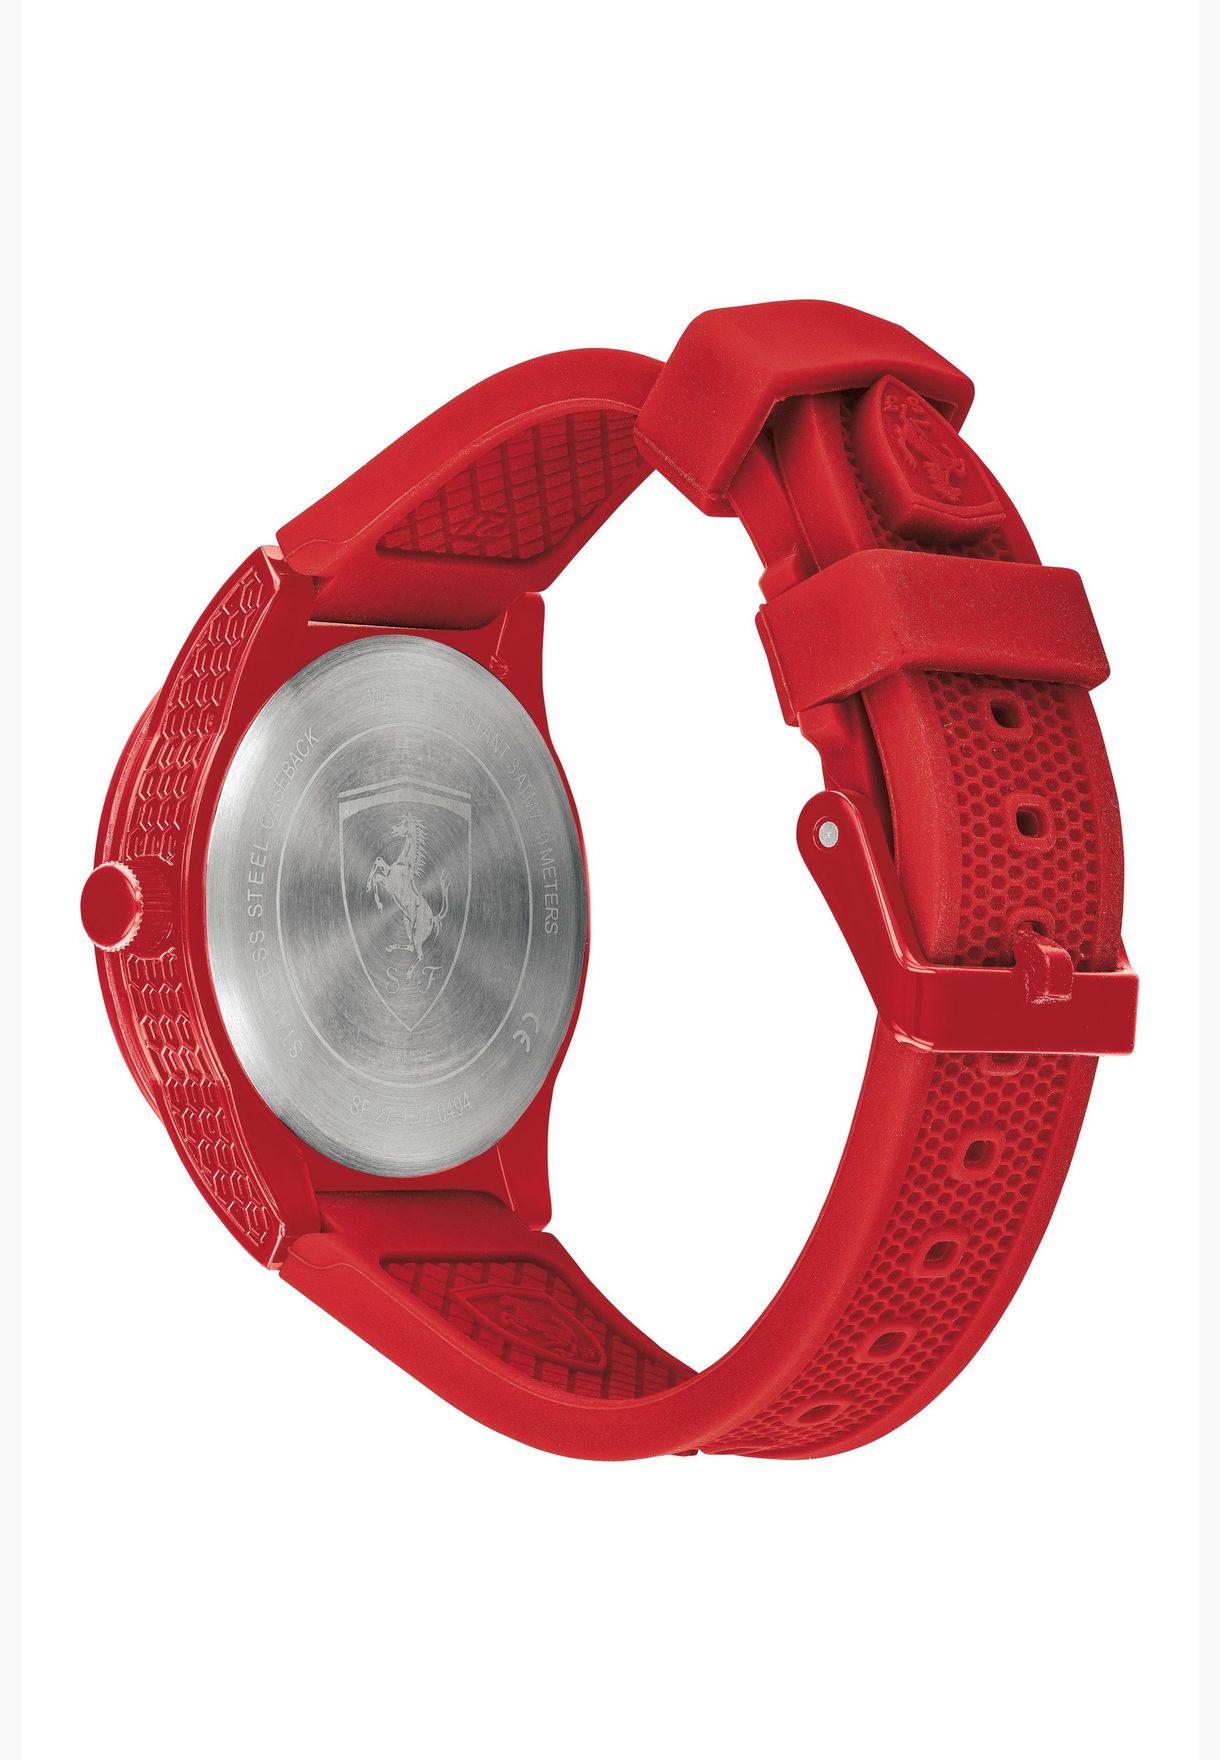 ساعة سكوديريا فيراري ريد ريف بسوار سيليكون للاولاد - 860010